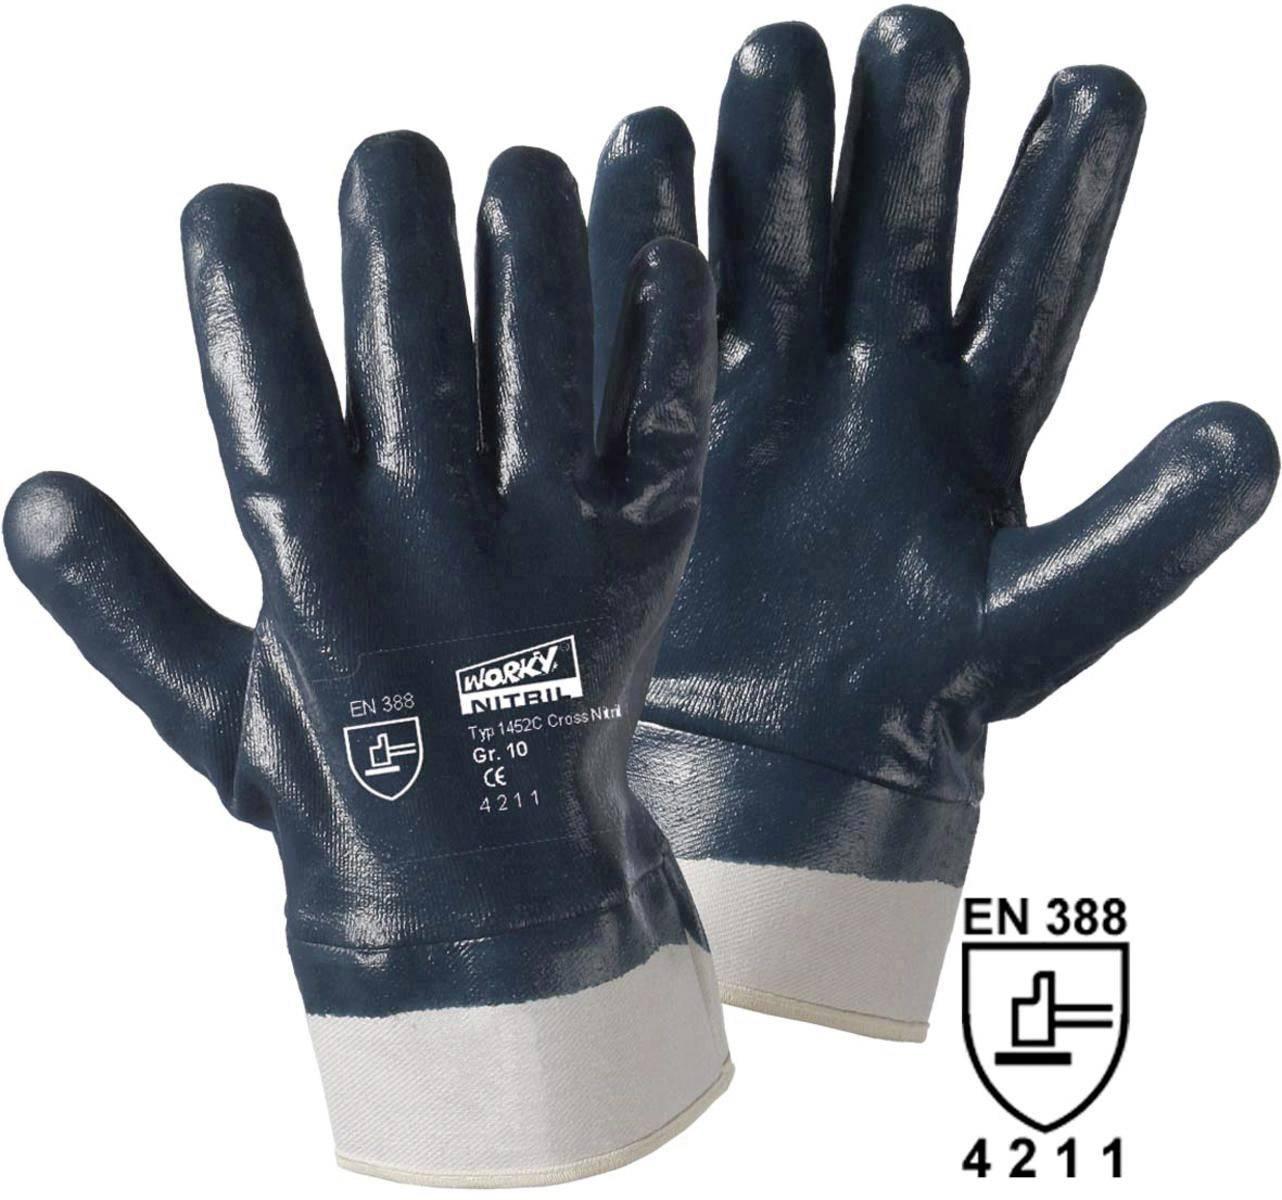 Pracovní rukavice worky Cross Nitril 1452C